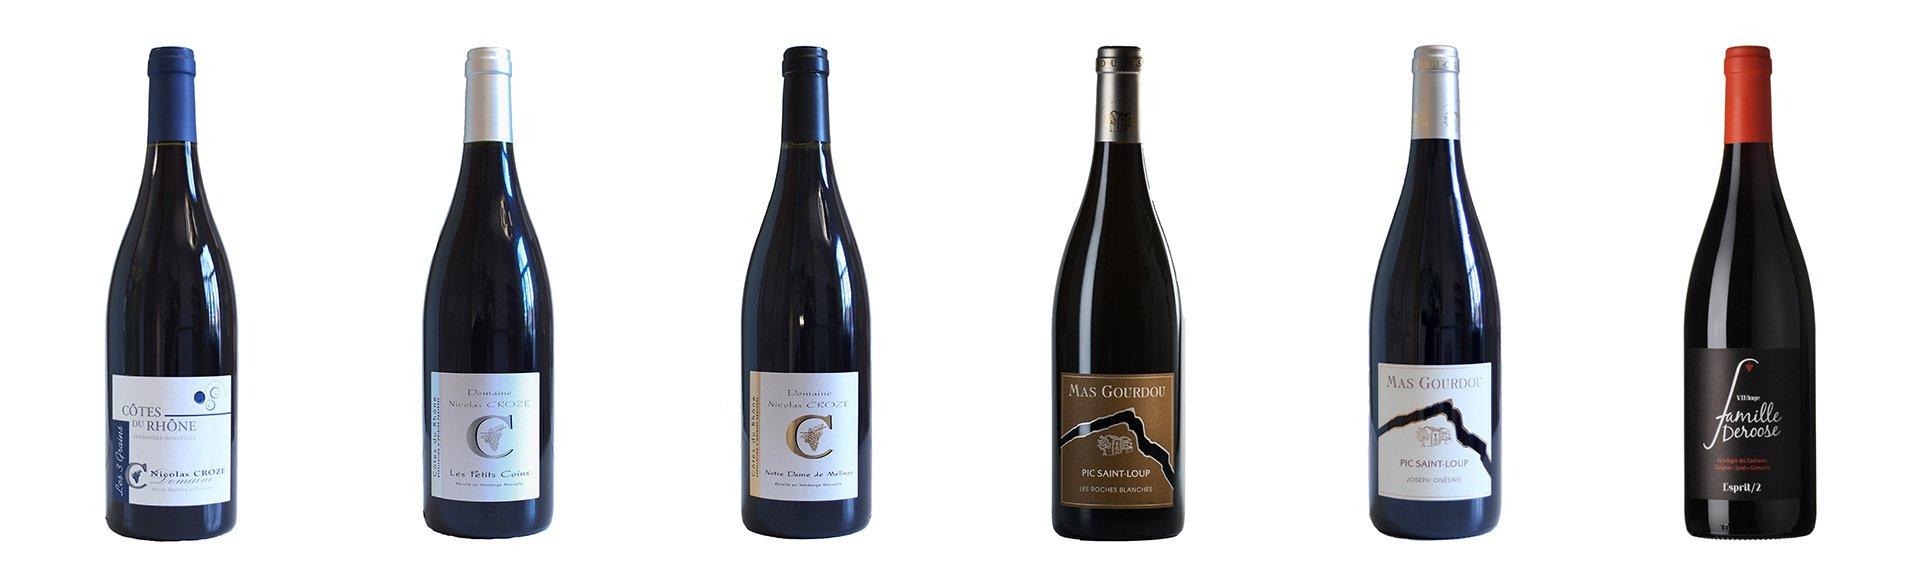 Colis de 6 vins rouge français